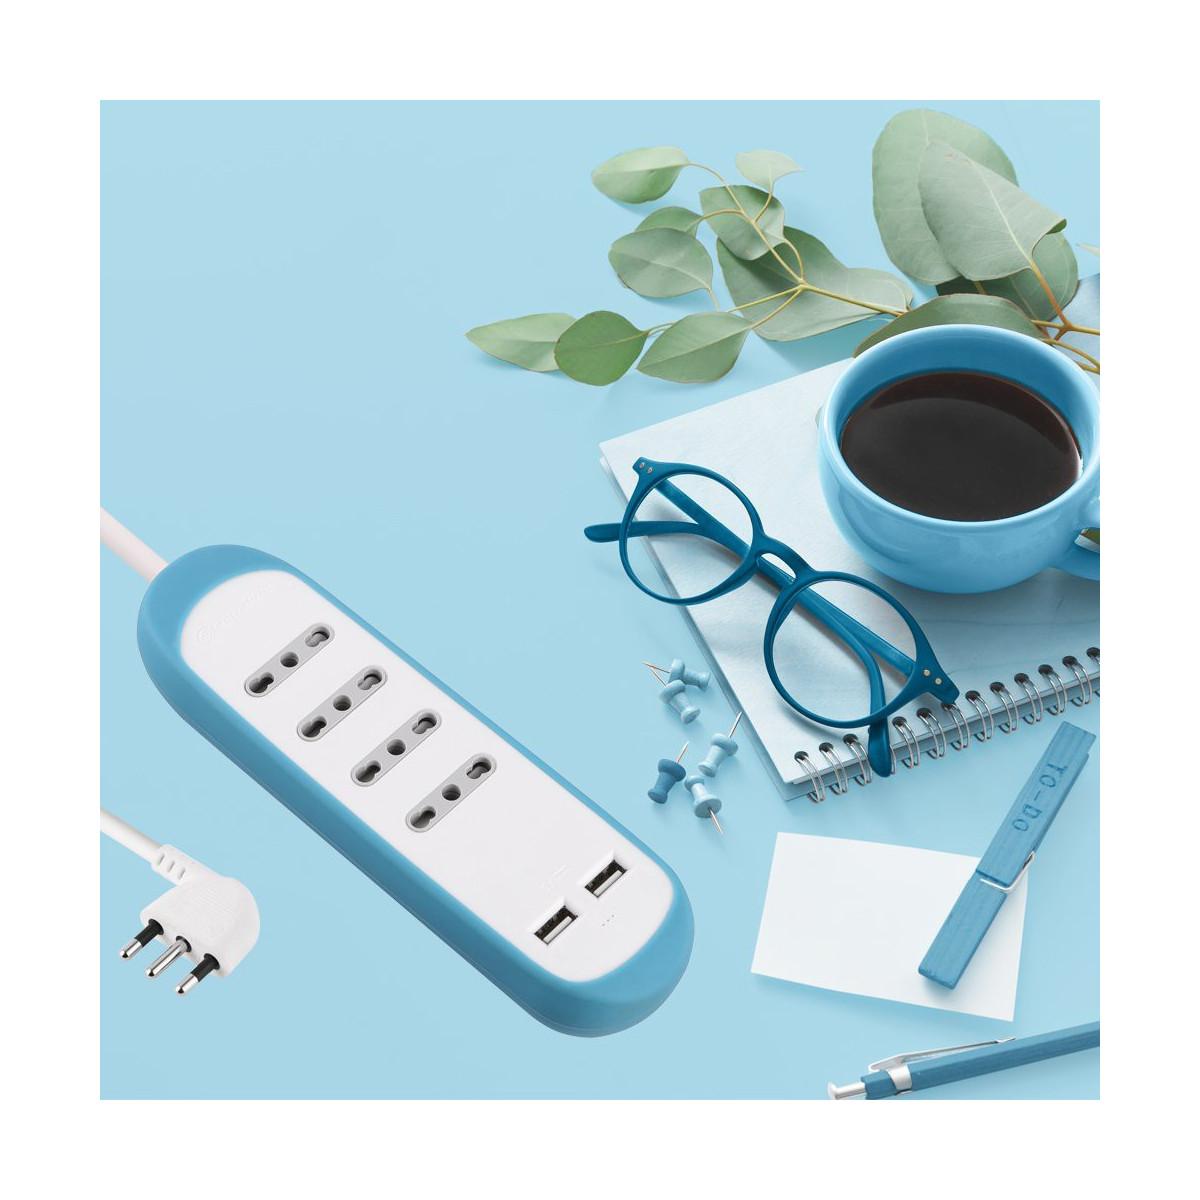 Multipresa-4-Posti-10-16A-2-USB-2-1A-Copertura-Protezione-Antiscivolo-Silicone miniatura 29